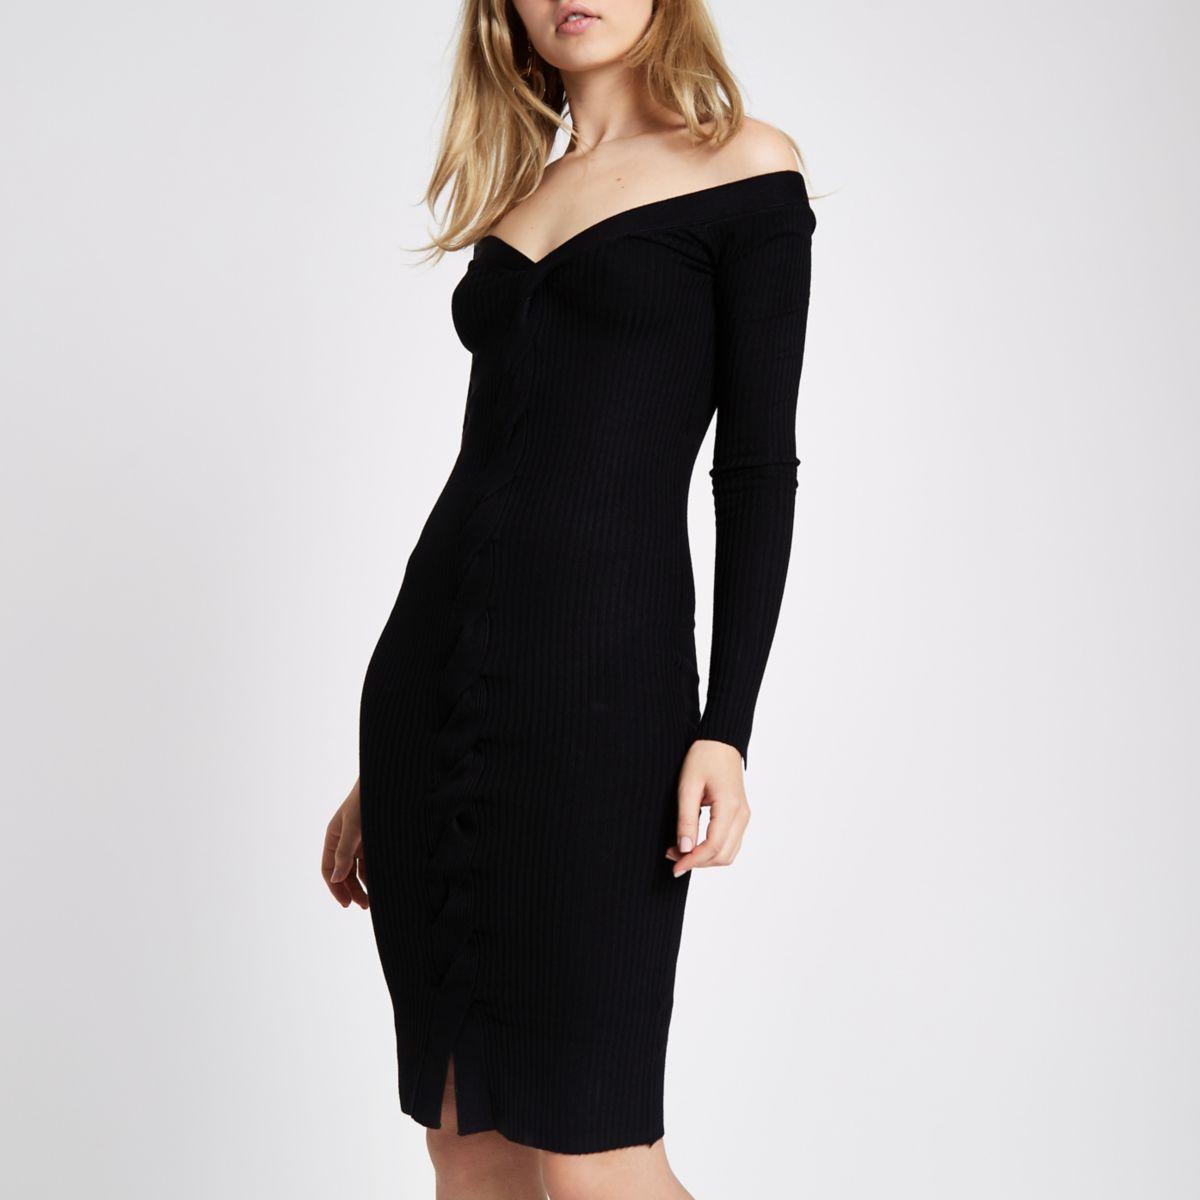 Zwarte midi-jurk met kabels en uitsnedes